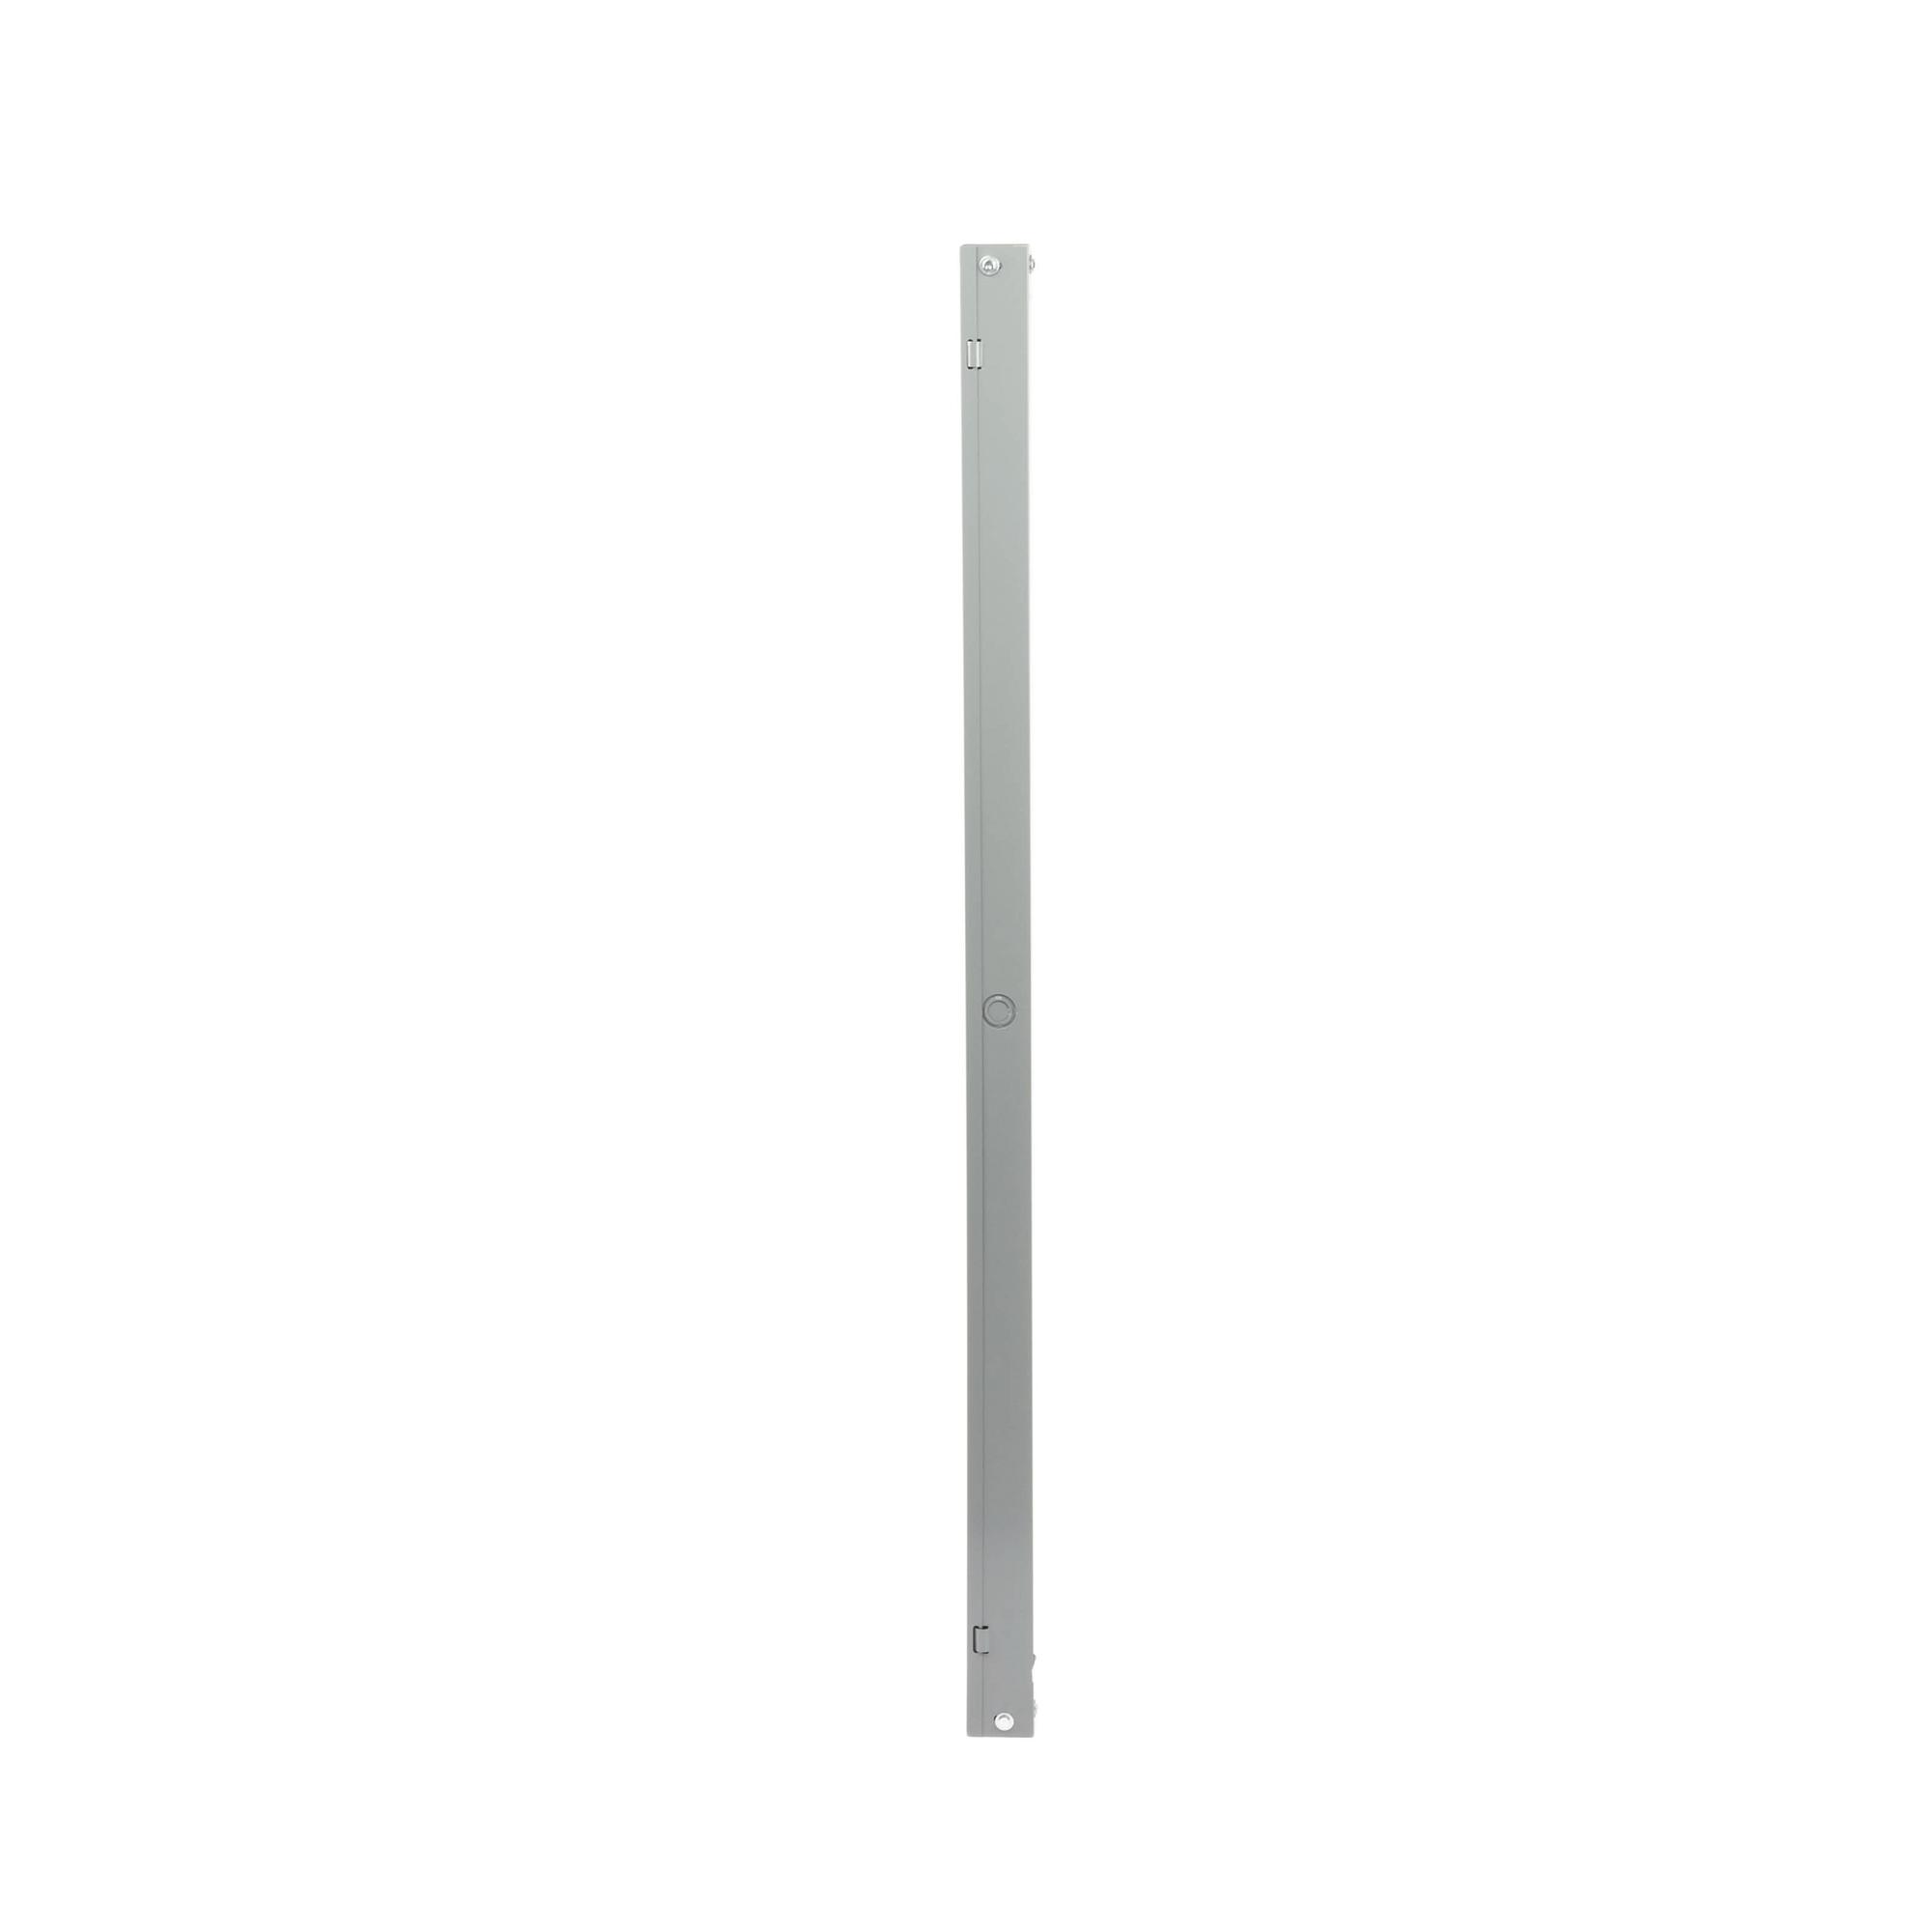 Ducto cuadrado embisagrado 6.5 x 6.5 cm, fabricado en lámina de acero al carbón, hasta 67 cables Cat6,  incluye cople con tornillería y 1 knock out por lado